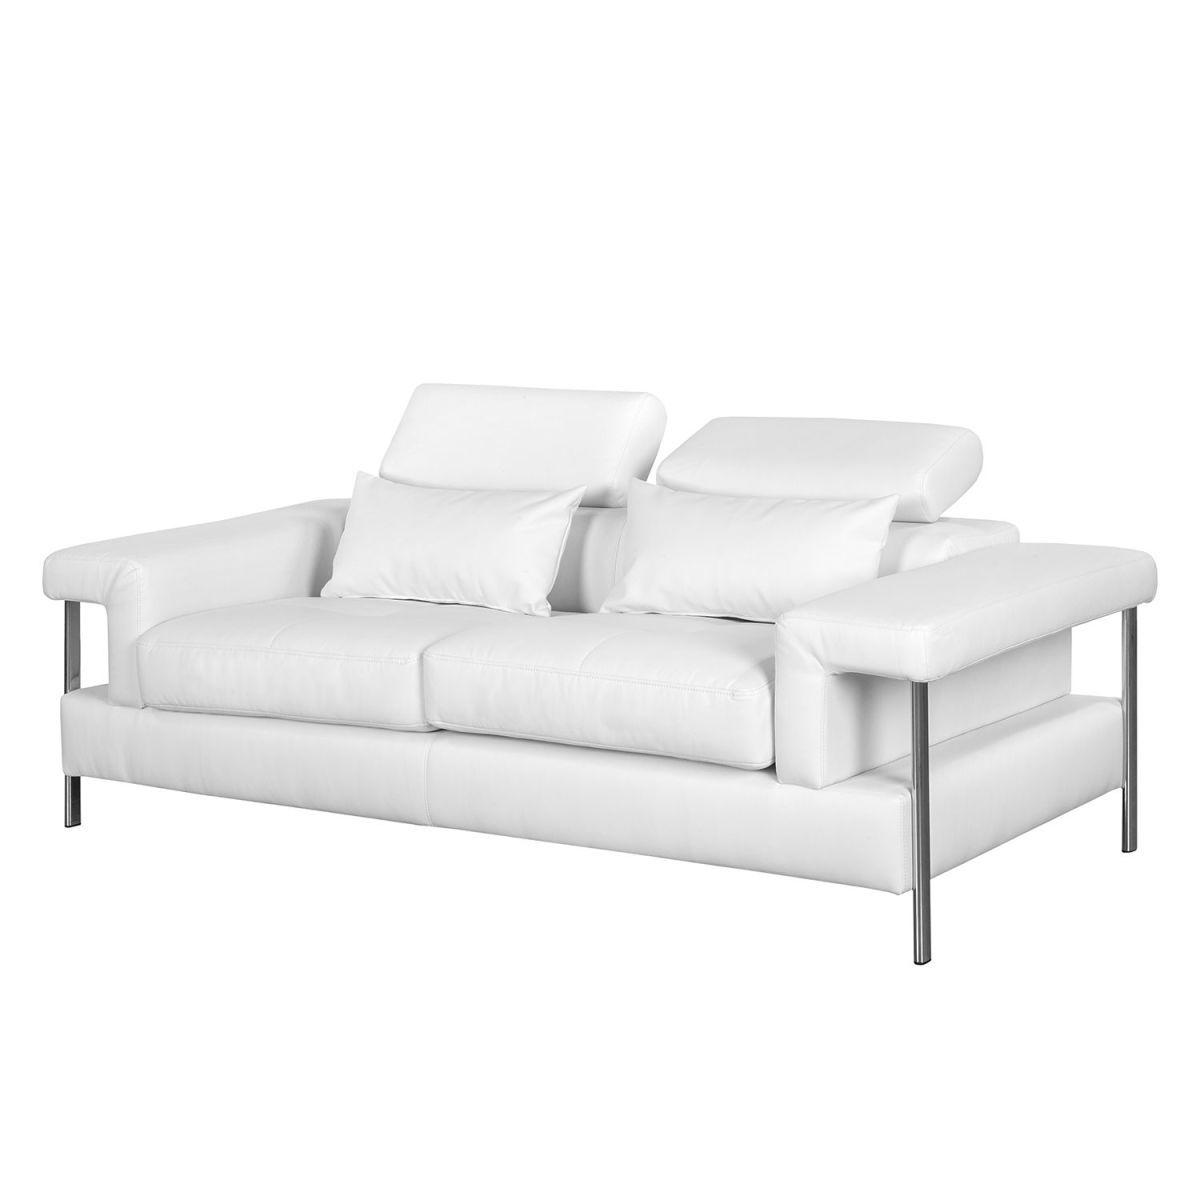 Sofa Skibsby (2 Sitzer) Kunstleder   Weiß, Roomscape Jetzt Bestellen Unter:  Https://moebel.ladendirekt.de/wohnzimmer/sofas/2 Und 3 Sitzer Sofas/?uidu003d  ...